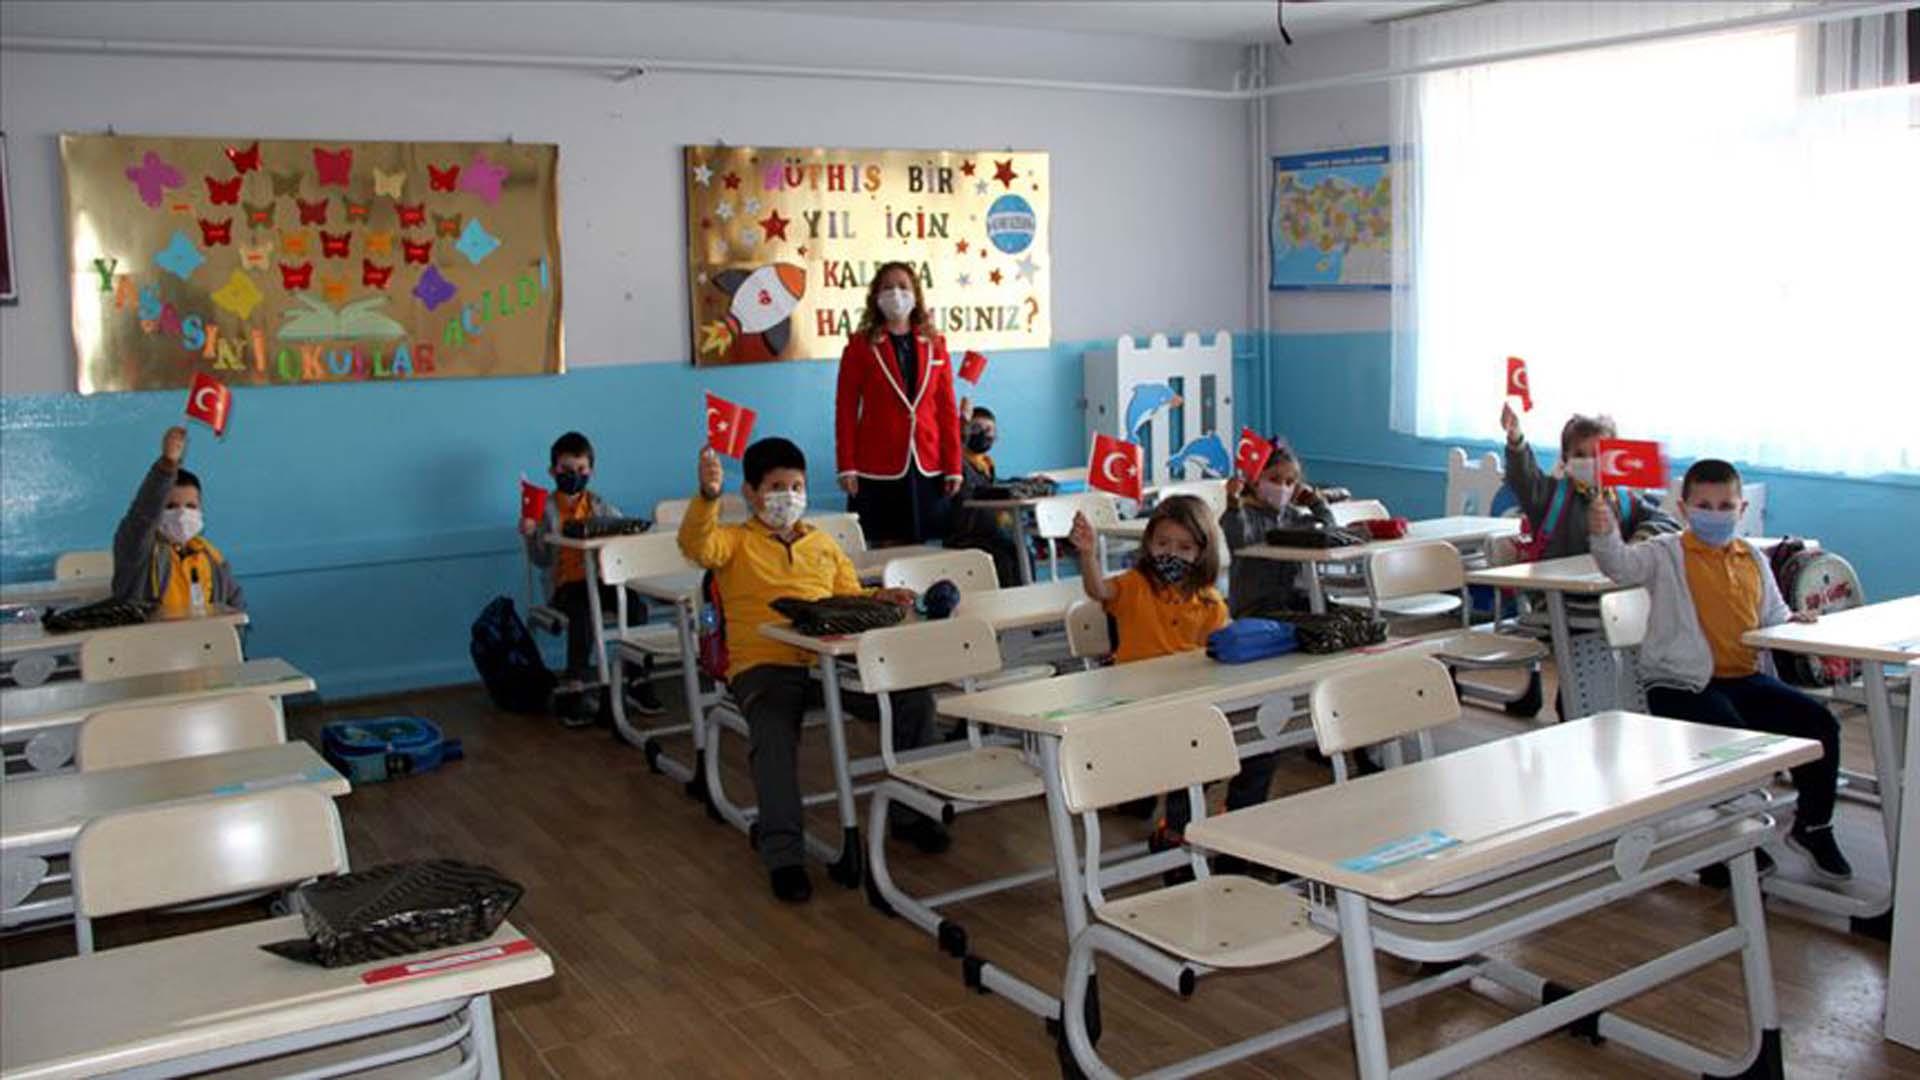 Milli Eğitim Bakanı Selçuk son noktayı koydu! Okulların açılacağı tarih belli oldu